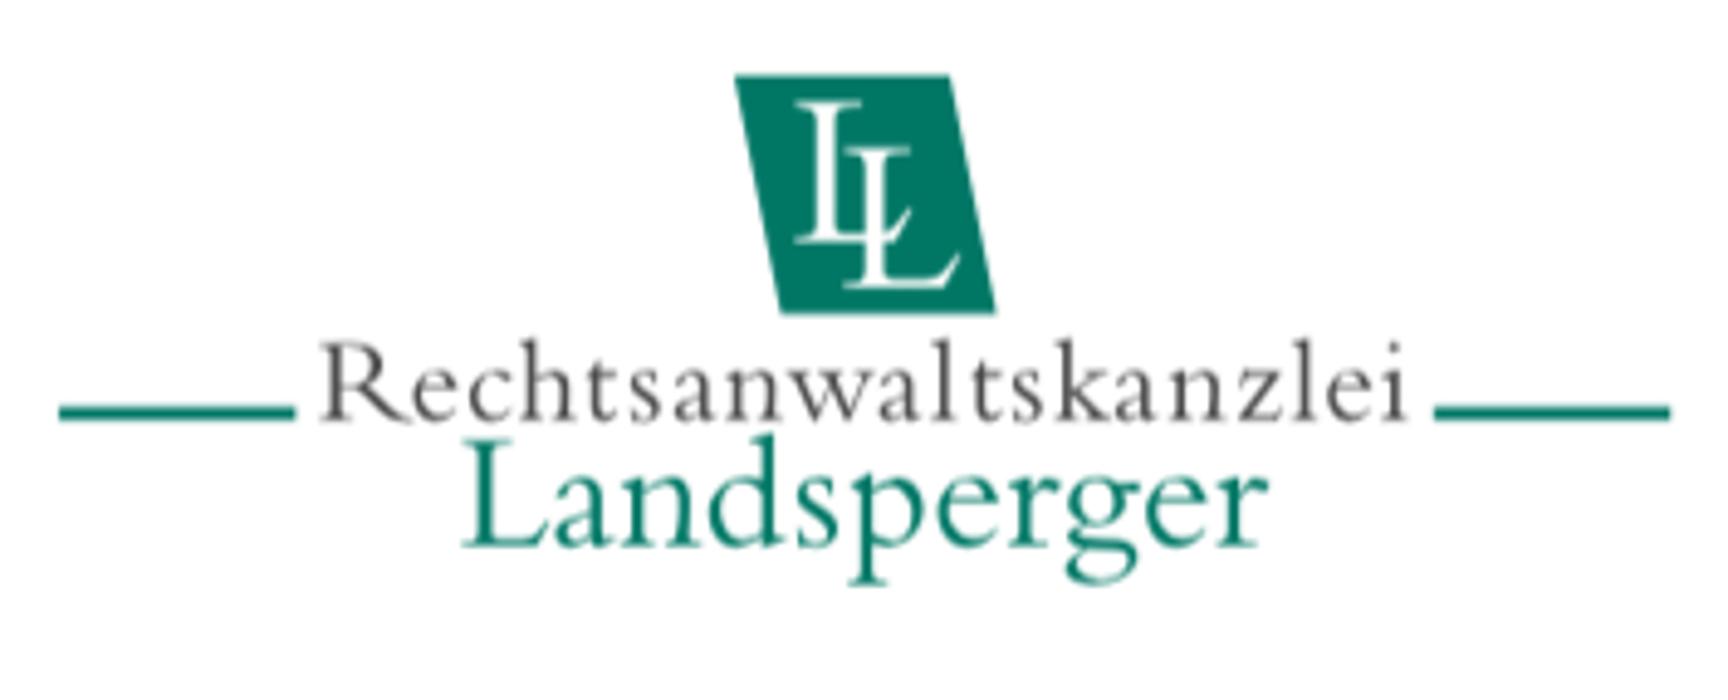 Bild zu Rechtsanwaltskanzlei Landsperger in Ichenhausen